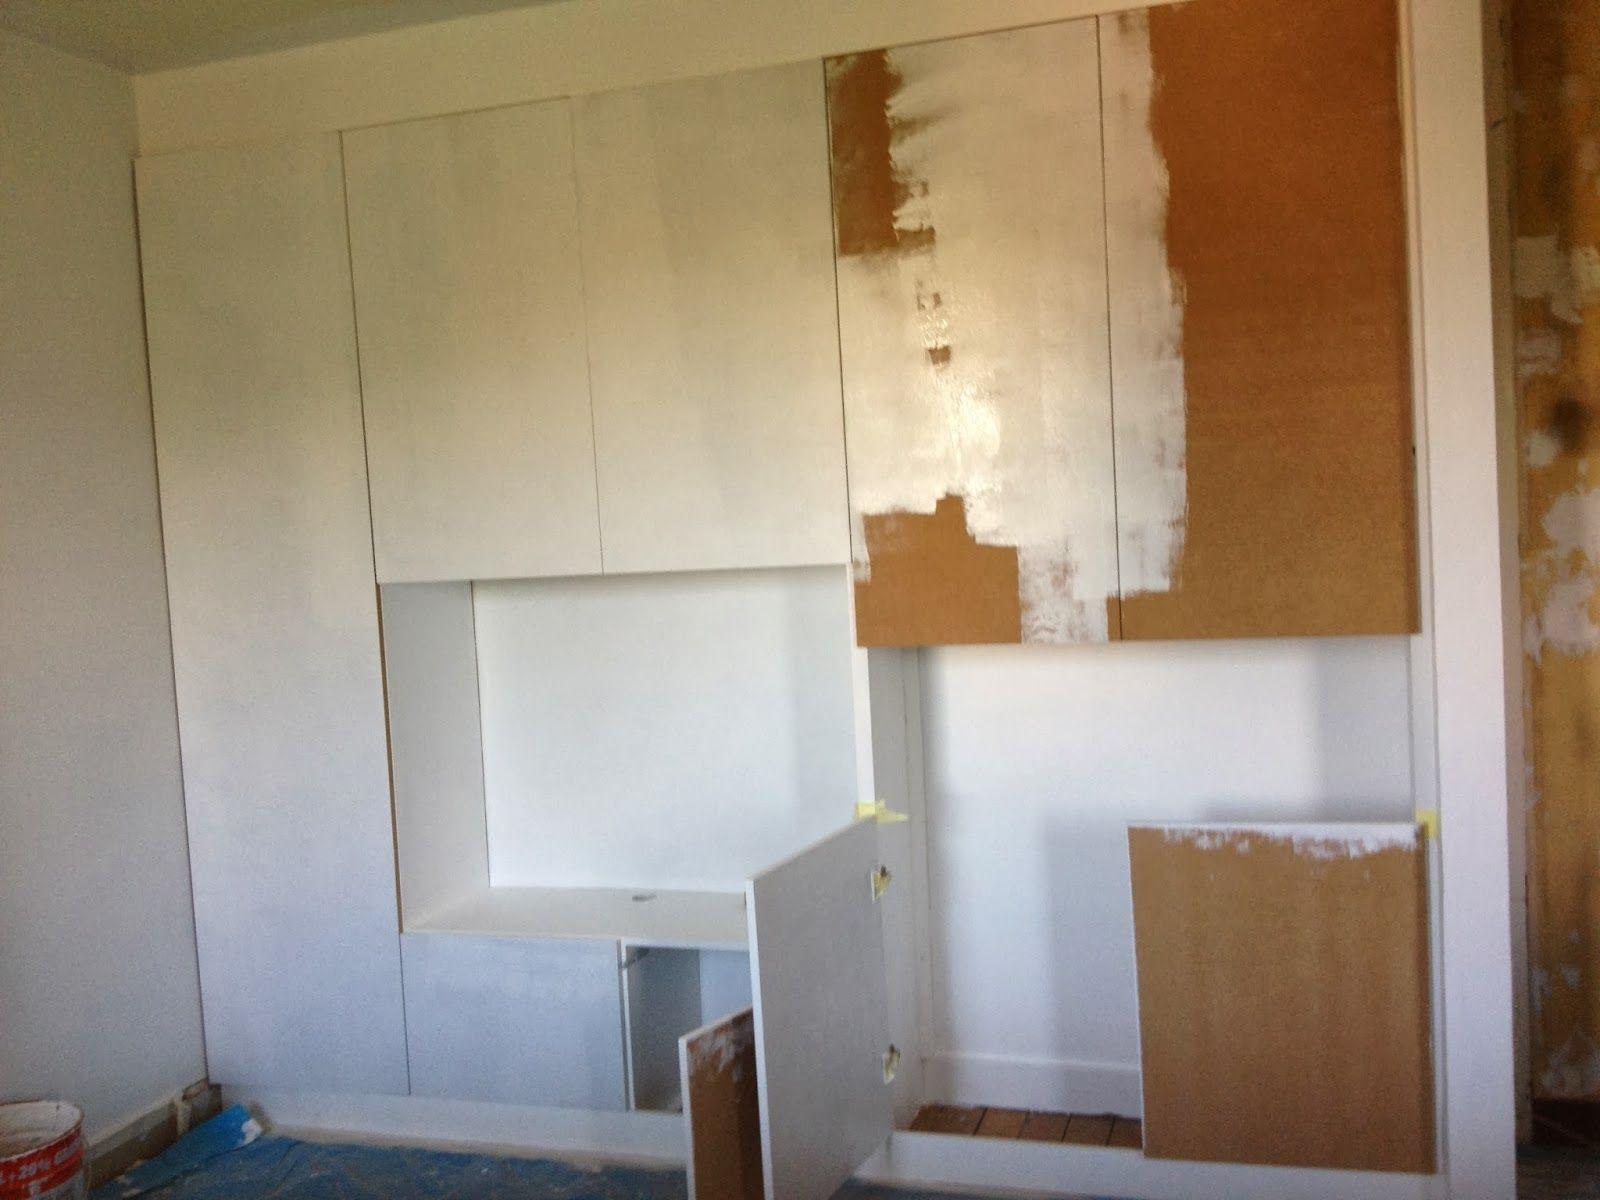 Comment Faire Des Armoires Murales Avec 5 Options De Stockage Diy Wall Cabinet Diy Garage Storage Workshop Cabinets